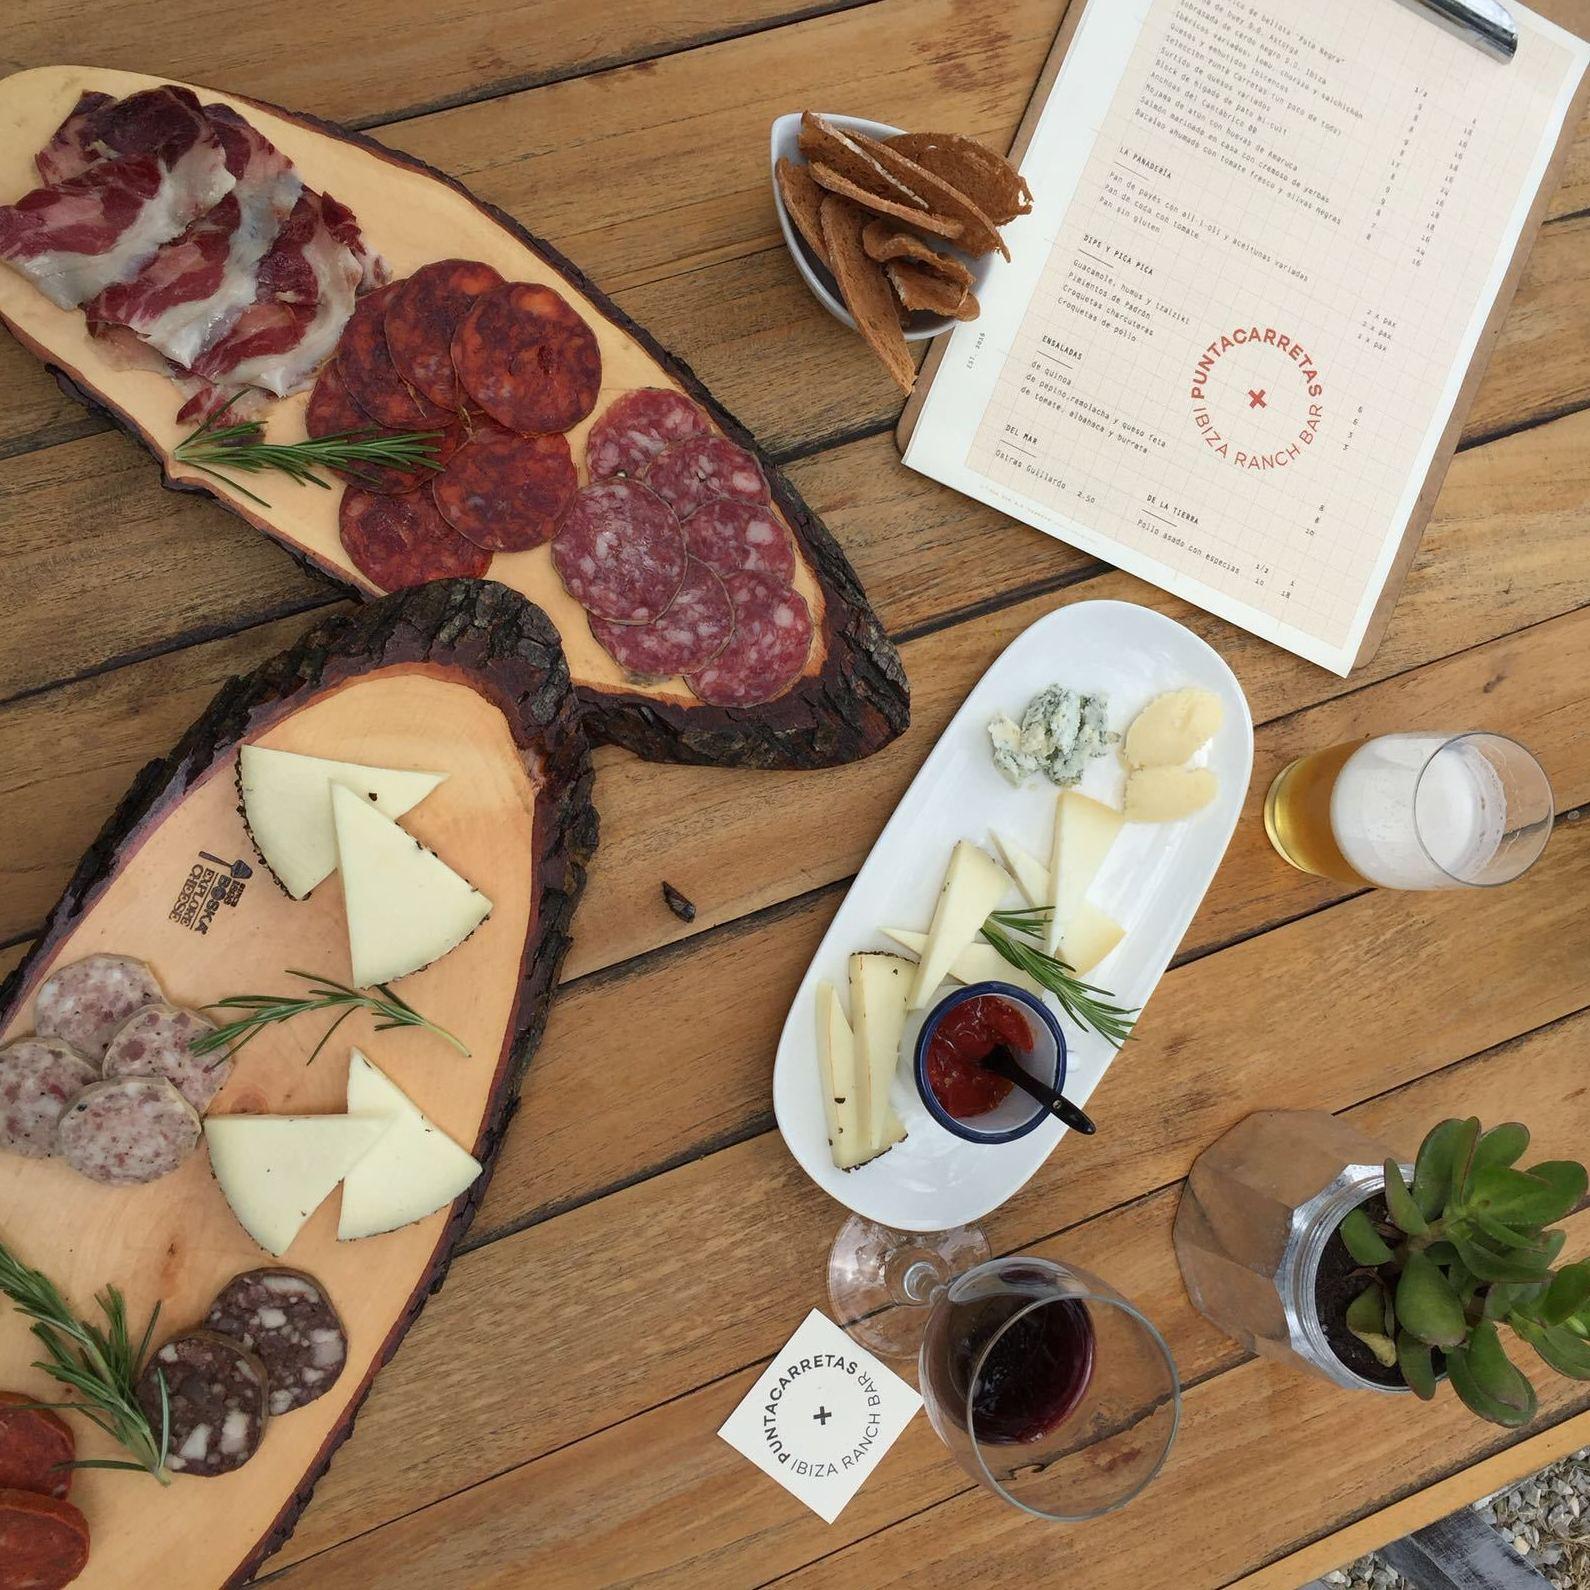 Foto 3 de Cocina mediterránea en Santa Eulària des Riu | Restaurante Parrilla con huerto propio